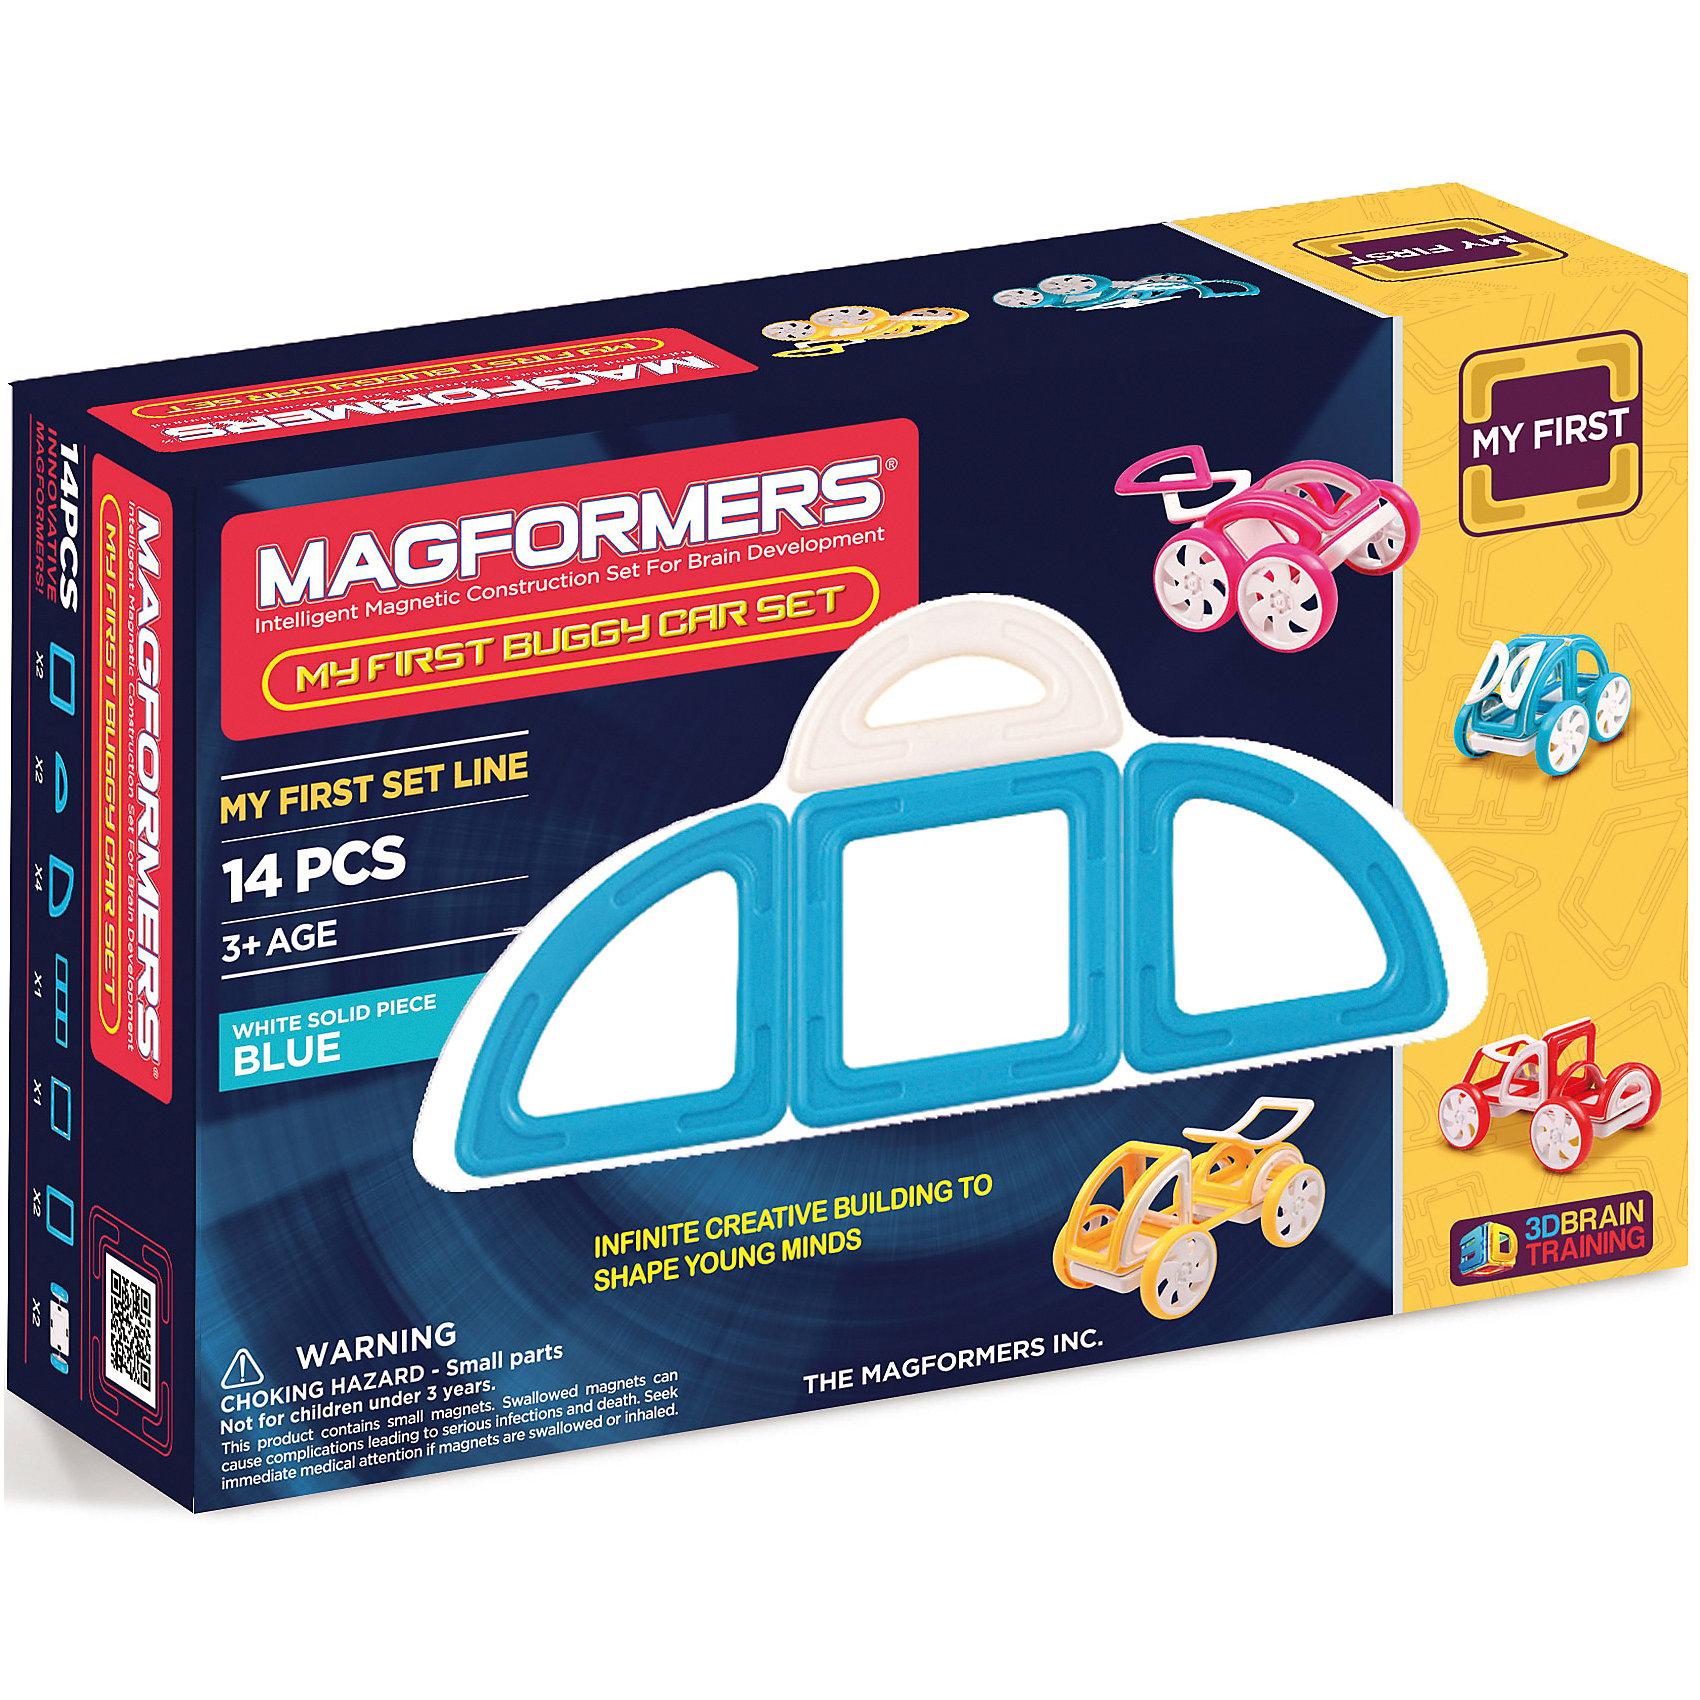 Магнитный конструктор My First Buggy, желтый, MAGFORMERSМагнитные конструкторы<br>Набор My First Buggy Car Set из серии Мой Первый Магформерс отлично подойдет для начала знакомства с развивающим конструктором!<br> Он включает в себя великолепно иллюстрированные карточки, которые познакомят Вас с принципами конструирования из Магформерс и покажут, как собрать разнообразные машинки Багги - для передвижения по песчаным прибрежным дюнам, для гонок по бездорожью или по пересеченной местности. Детали выполнены в ярких тонах: желтый, голубой, красный и розовый с одной стороны и белый цвет с другой стороны. Необычные приключения ждут Вашего ребенка с новым набором Magformers My First Buggy Car Set<br><br>Дополнительная информация:<br><br>- Количество деталей: 14 шт. <br>- Квадраты: 2 шт. <br>- Суперпрямоугольники: 1 шт. <br>- Секторы: 4 шт. <br>- Арки: 2 шт. <br>- Половина арки: 1 шт. <br>- Полукруг: 2 шт. <br>- Пара колес: 2 шт. <br>- Возраст: от 3 лет <br>- Цвет: желтый.<br>- Материал: прочный пластик <br>- Размер упаковки: 34х12х2 см <br>- Вес в упаковке: 0.4 кг. <br><br>Купить магнитный конструктор My First Buggy MAGFORMERS желтого цвета, можно в нашем магазине.<br><br>Ширина мм: 180<br>Глубина мм: 270<br>Высота мм: 80<br>Вес г: 650<br>Возраст от месяцев: 36<br>Возраст до месяцев: 192<br>Пол: Унисекс<br>Возраст: Детский<br>SKU: 4730852